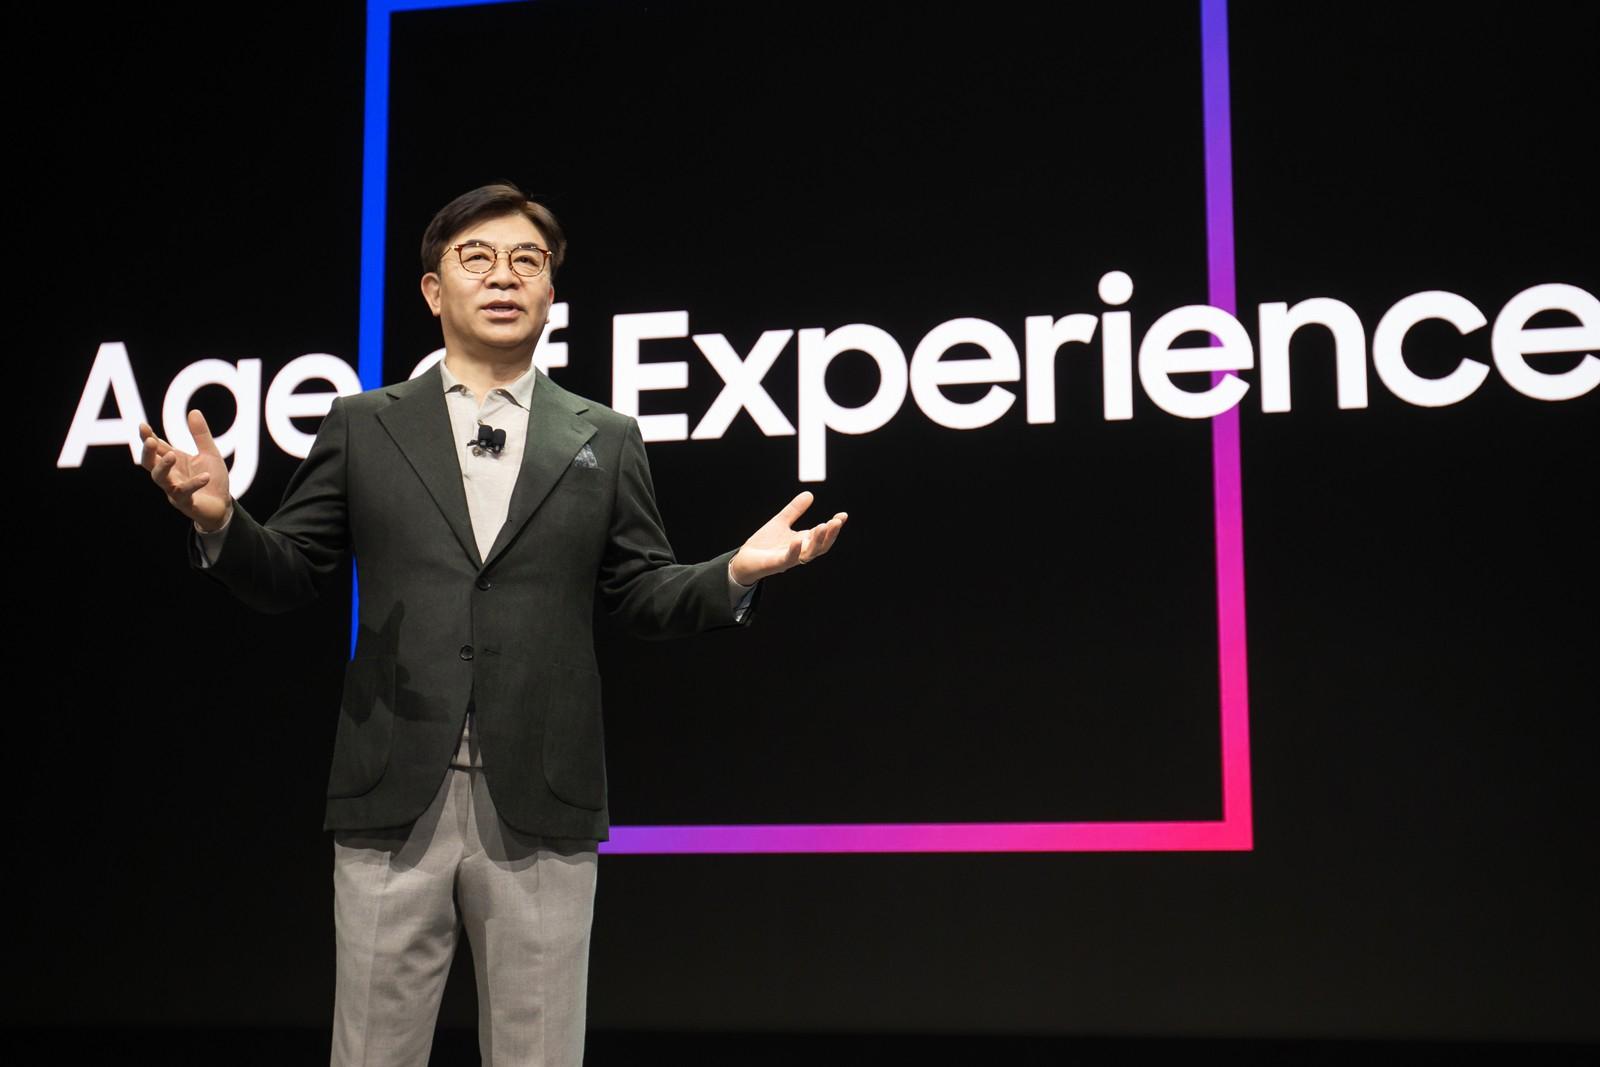 Samsung presenta la Age of Experience